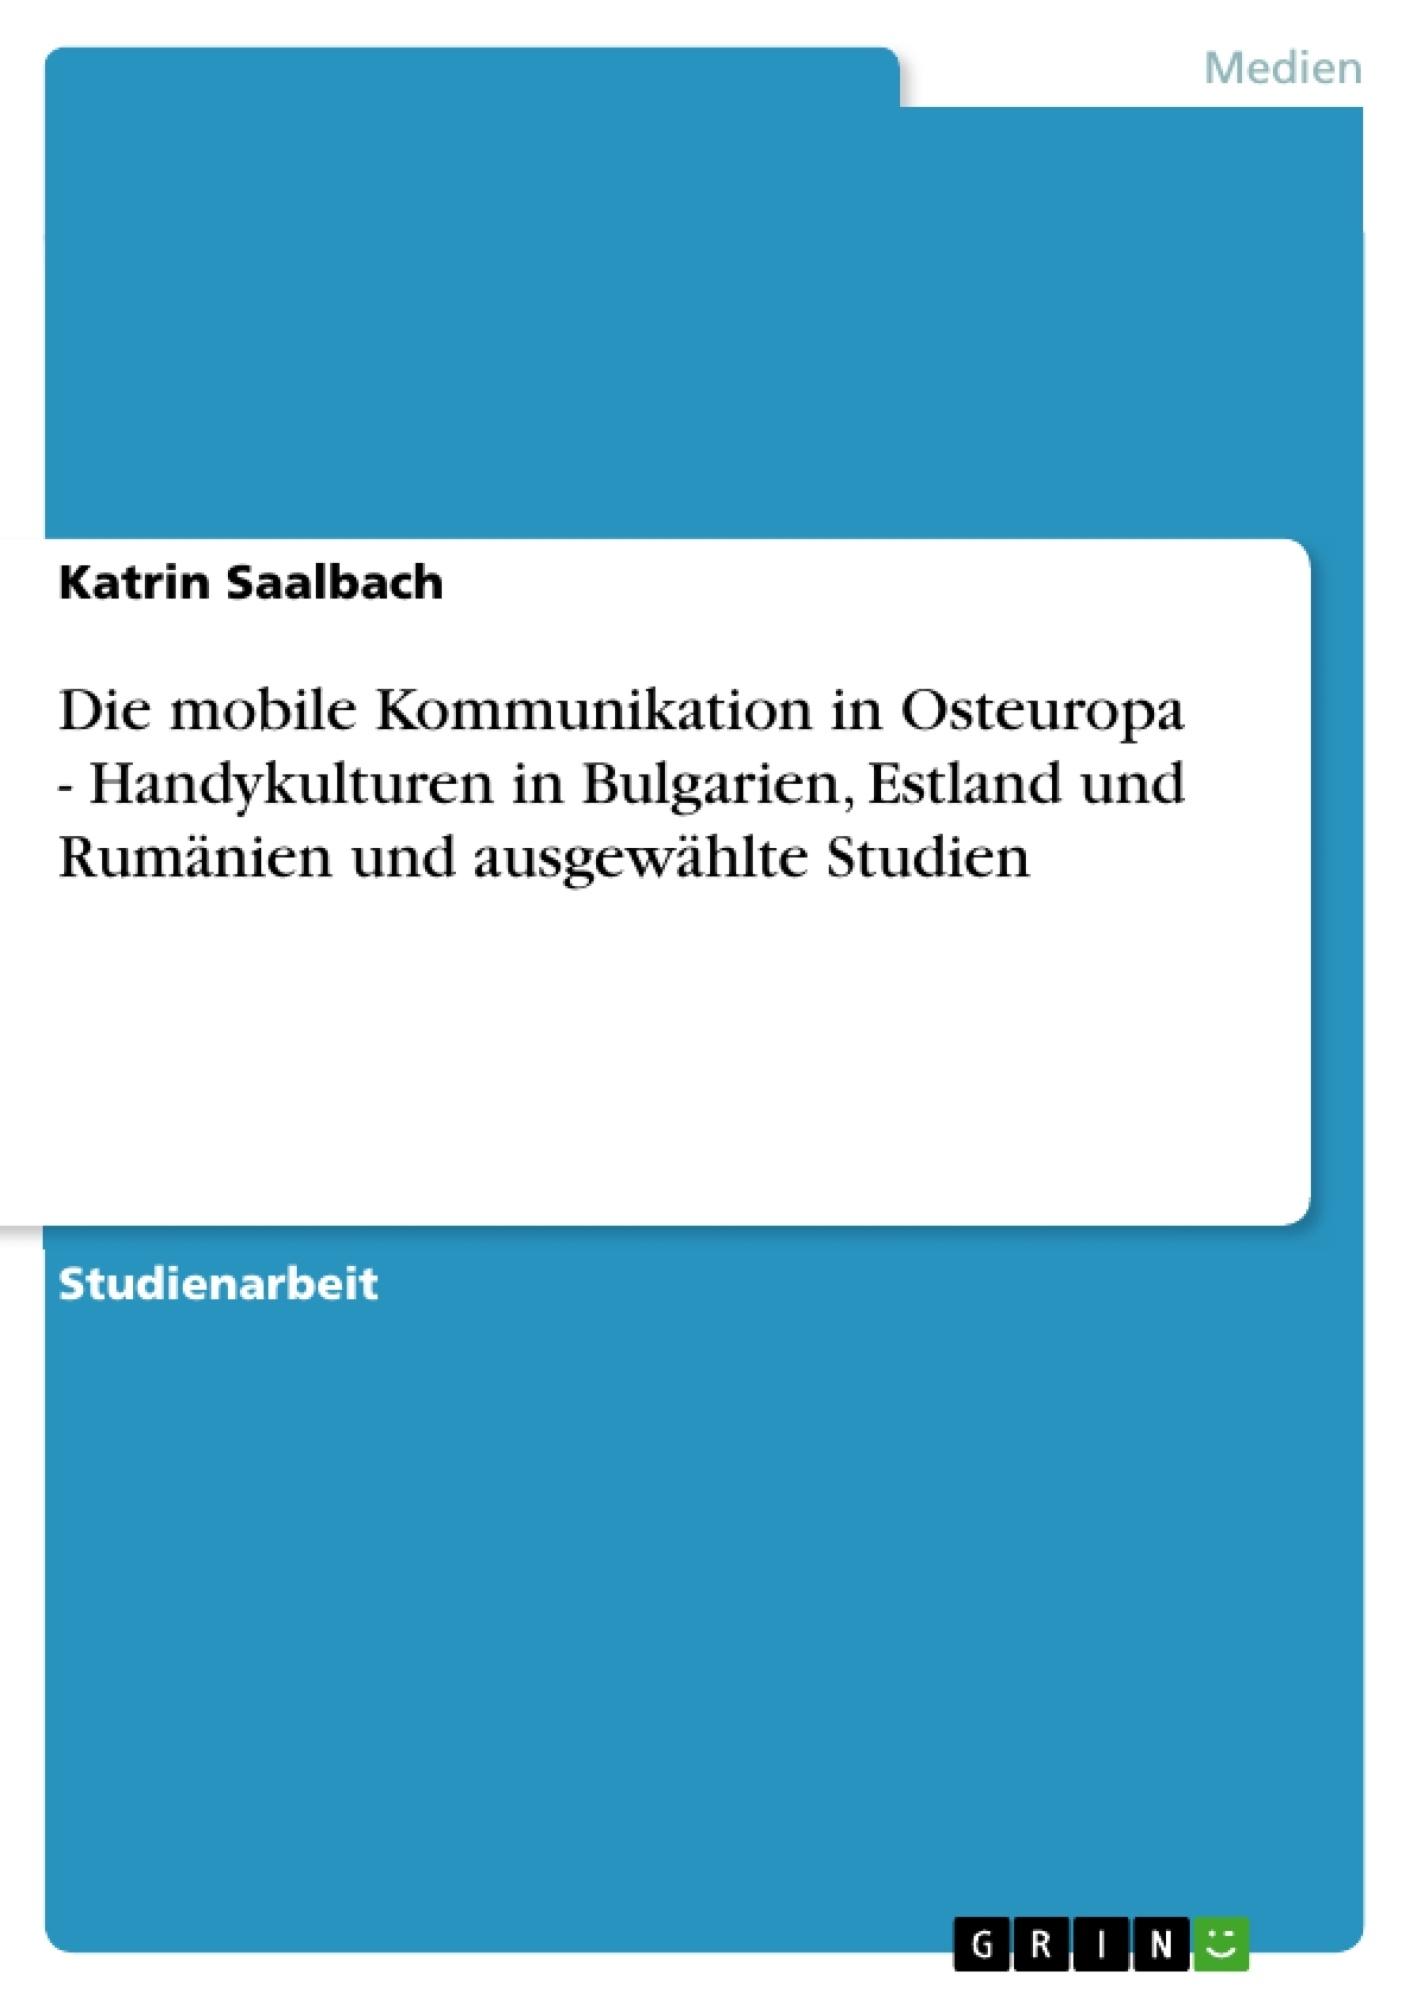 Titel: Die mobile Kommunikation in Osteuropa - Handykulturen in Bulgarien, Estland und Rumänien und ausgewählte Studien